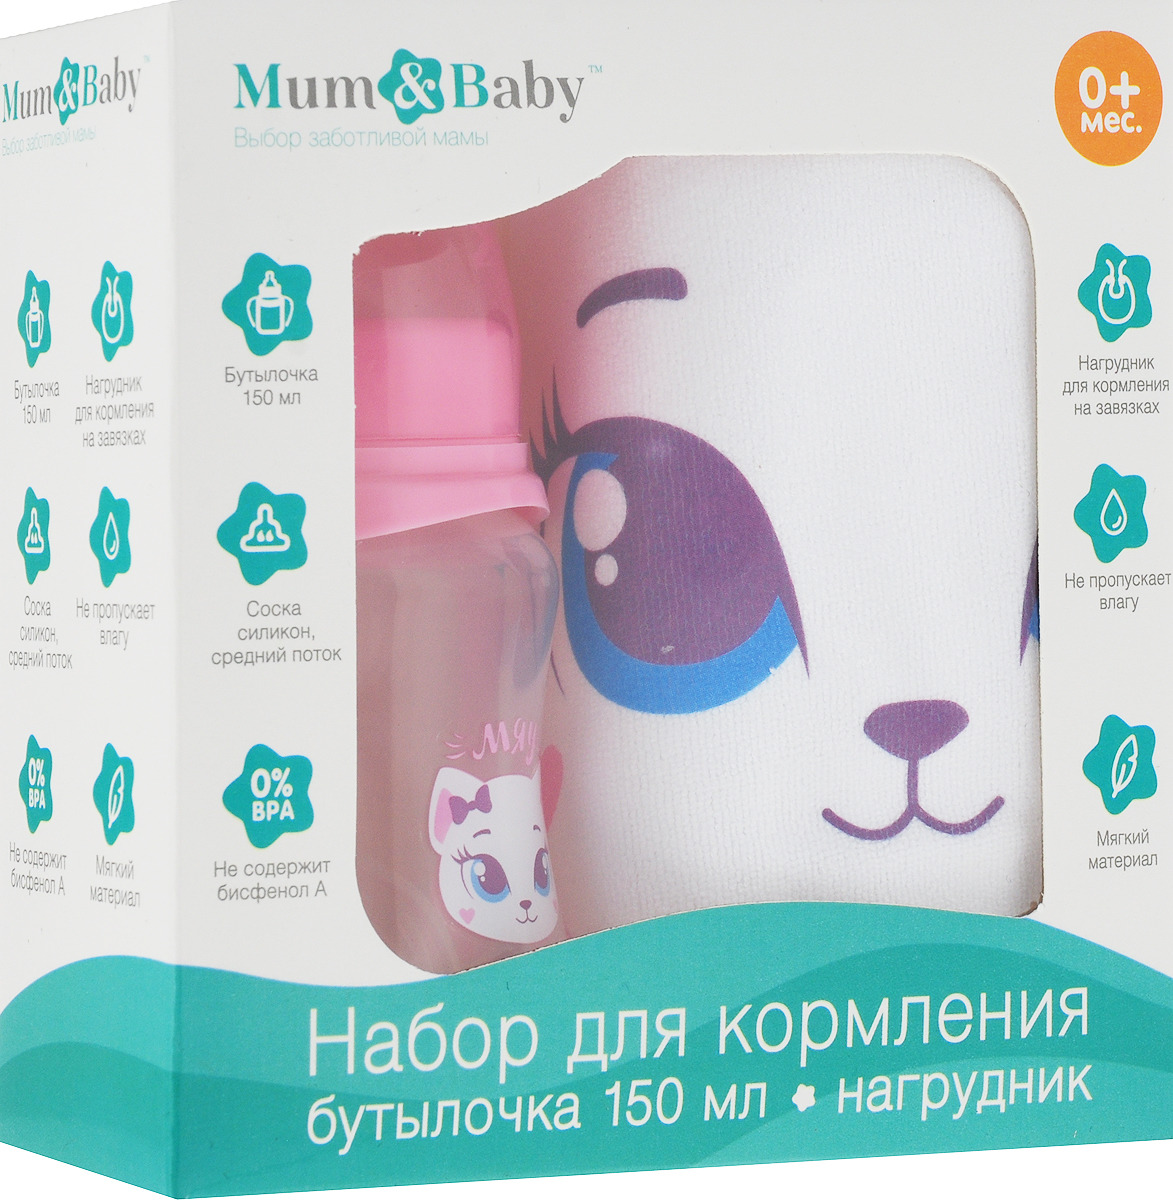 наборы для кормления Набор Mum&Baby Кошечка Софи бутылочка для кормления, 150 мл + нагрудник, 3654366